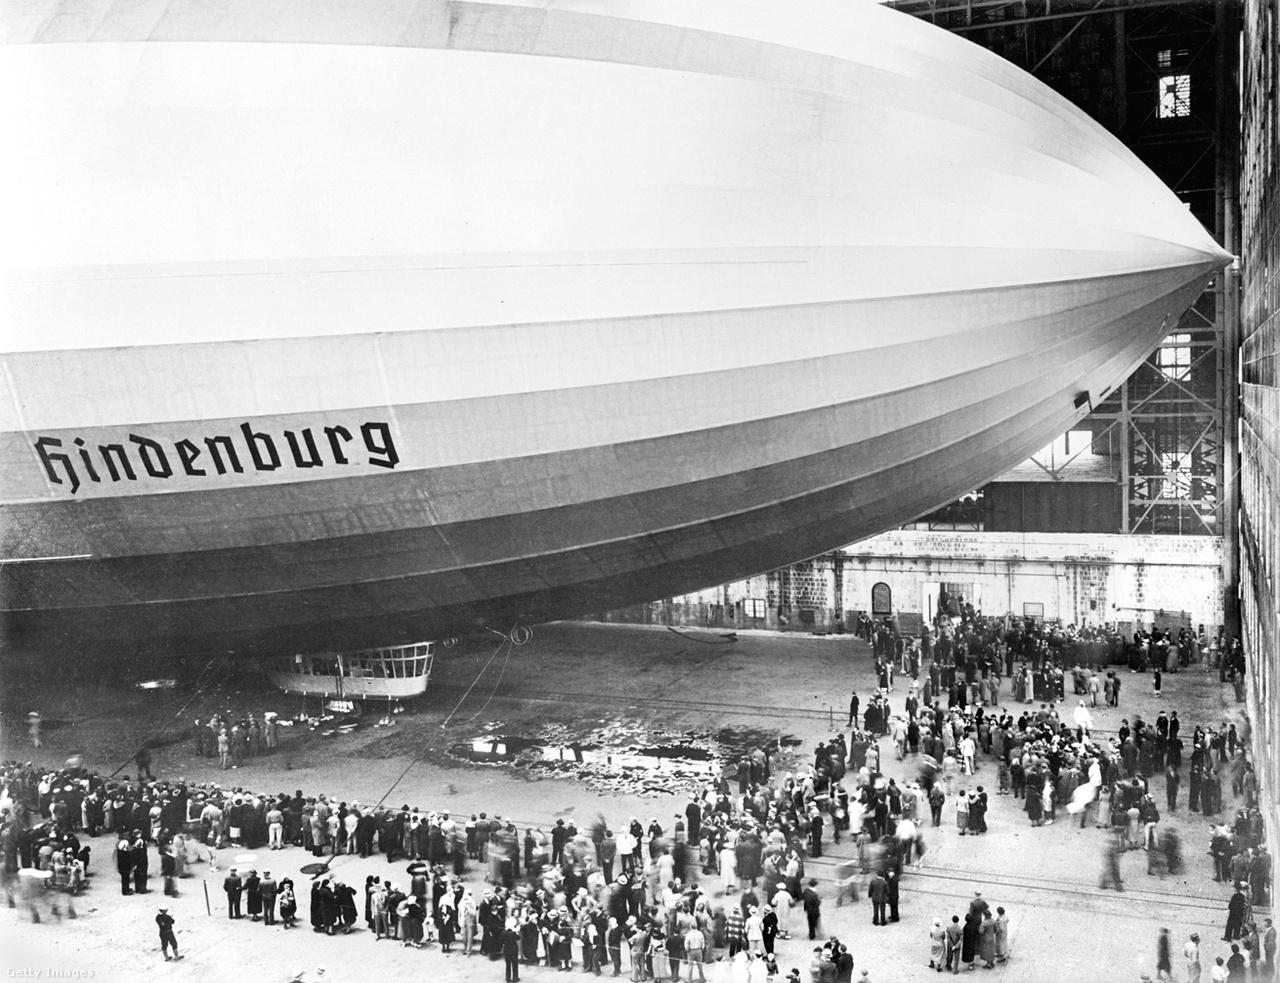 1936. május 10. Tömegek zarándokoltak a lakehursti hangárba, hogy megcsodálják a náci Németország büszkeségét.